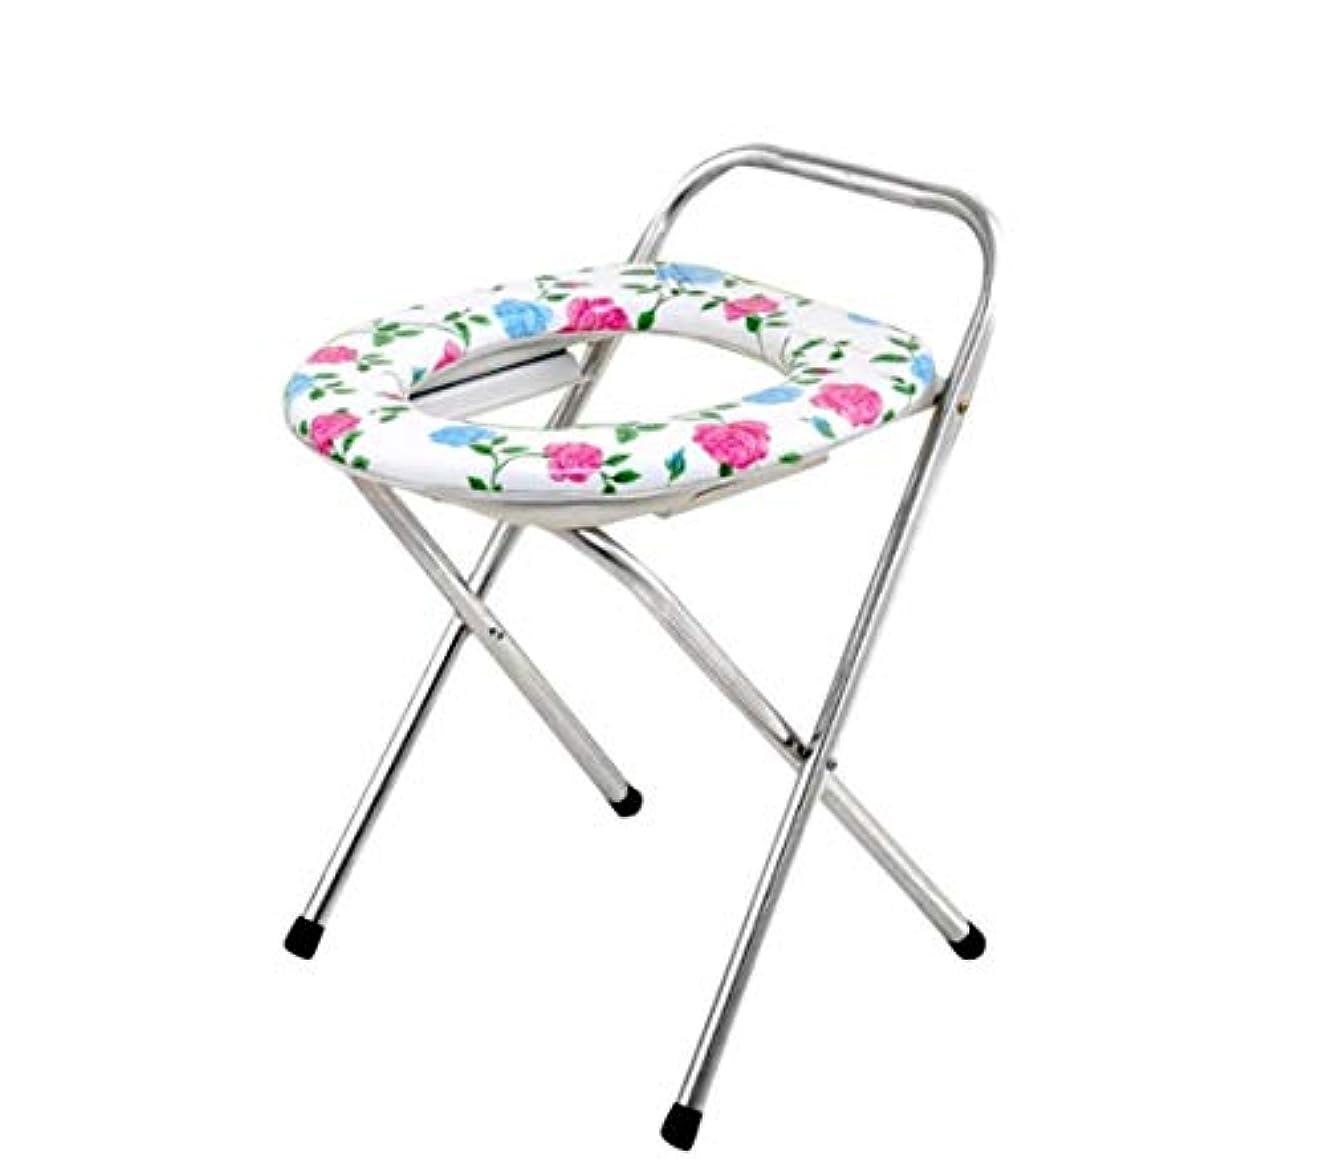 うるさい事前にカロリー高齢者の障害のための折りたたみ式便器椅子止まり台ステンレス鋼フレーム